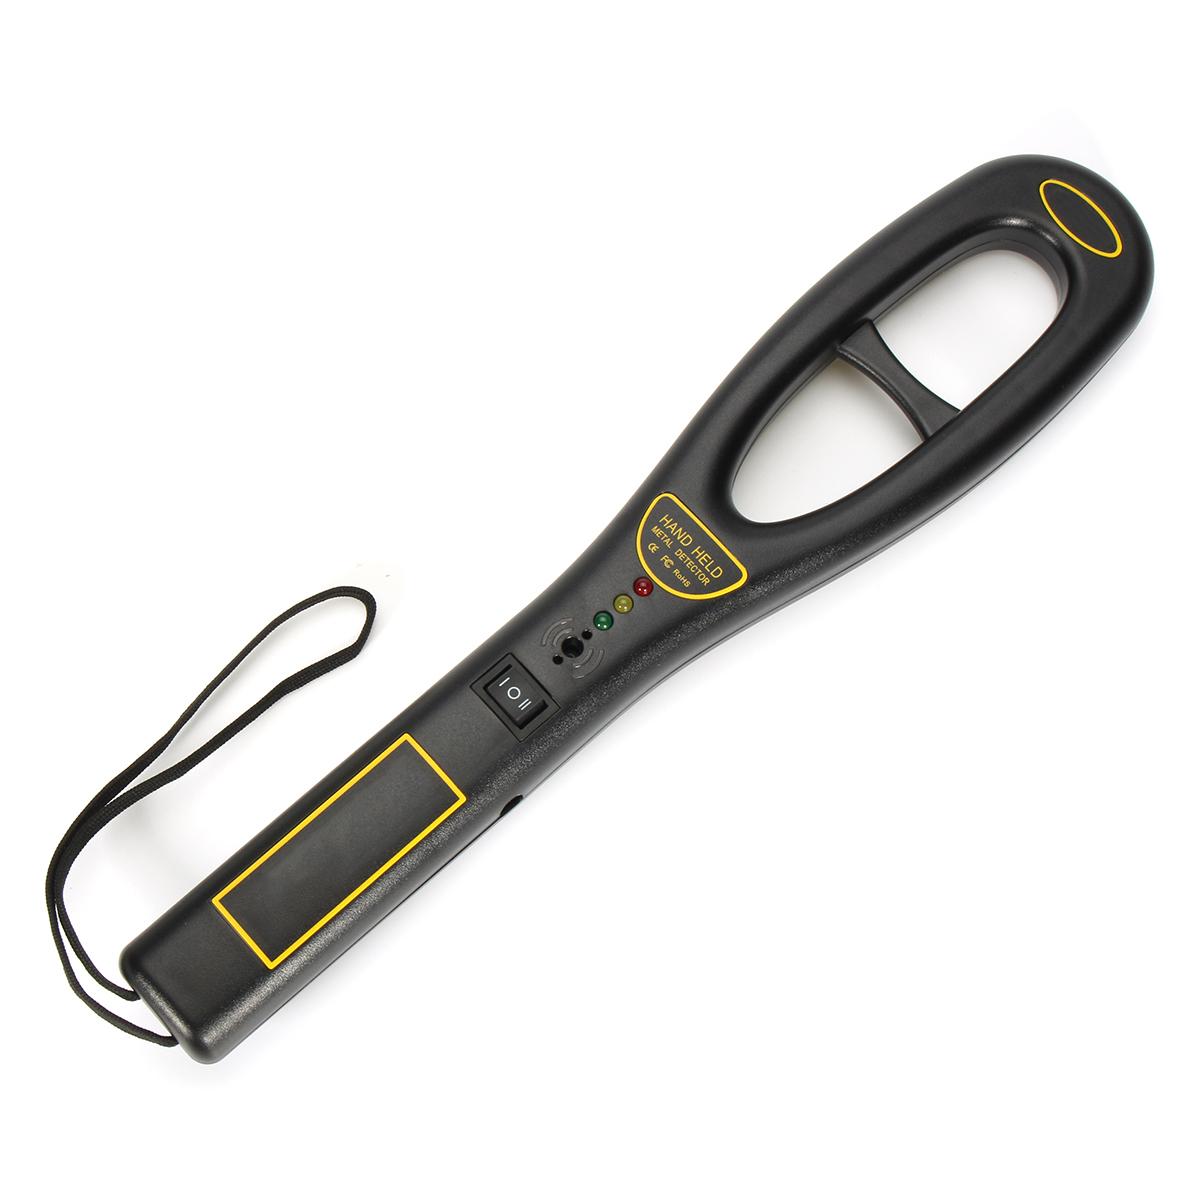 Металлический детектор Handheld Security Палочка Сканер высокой чувствительности